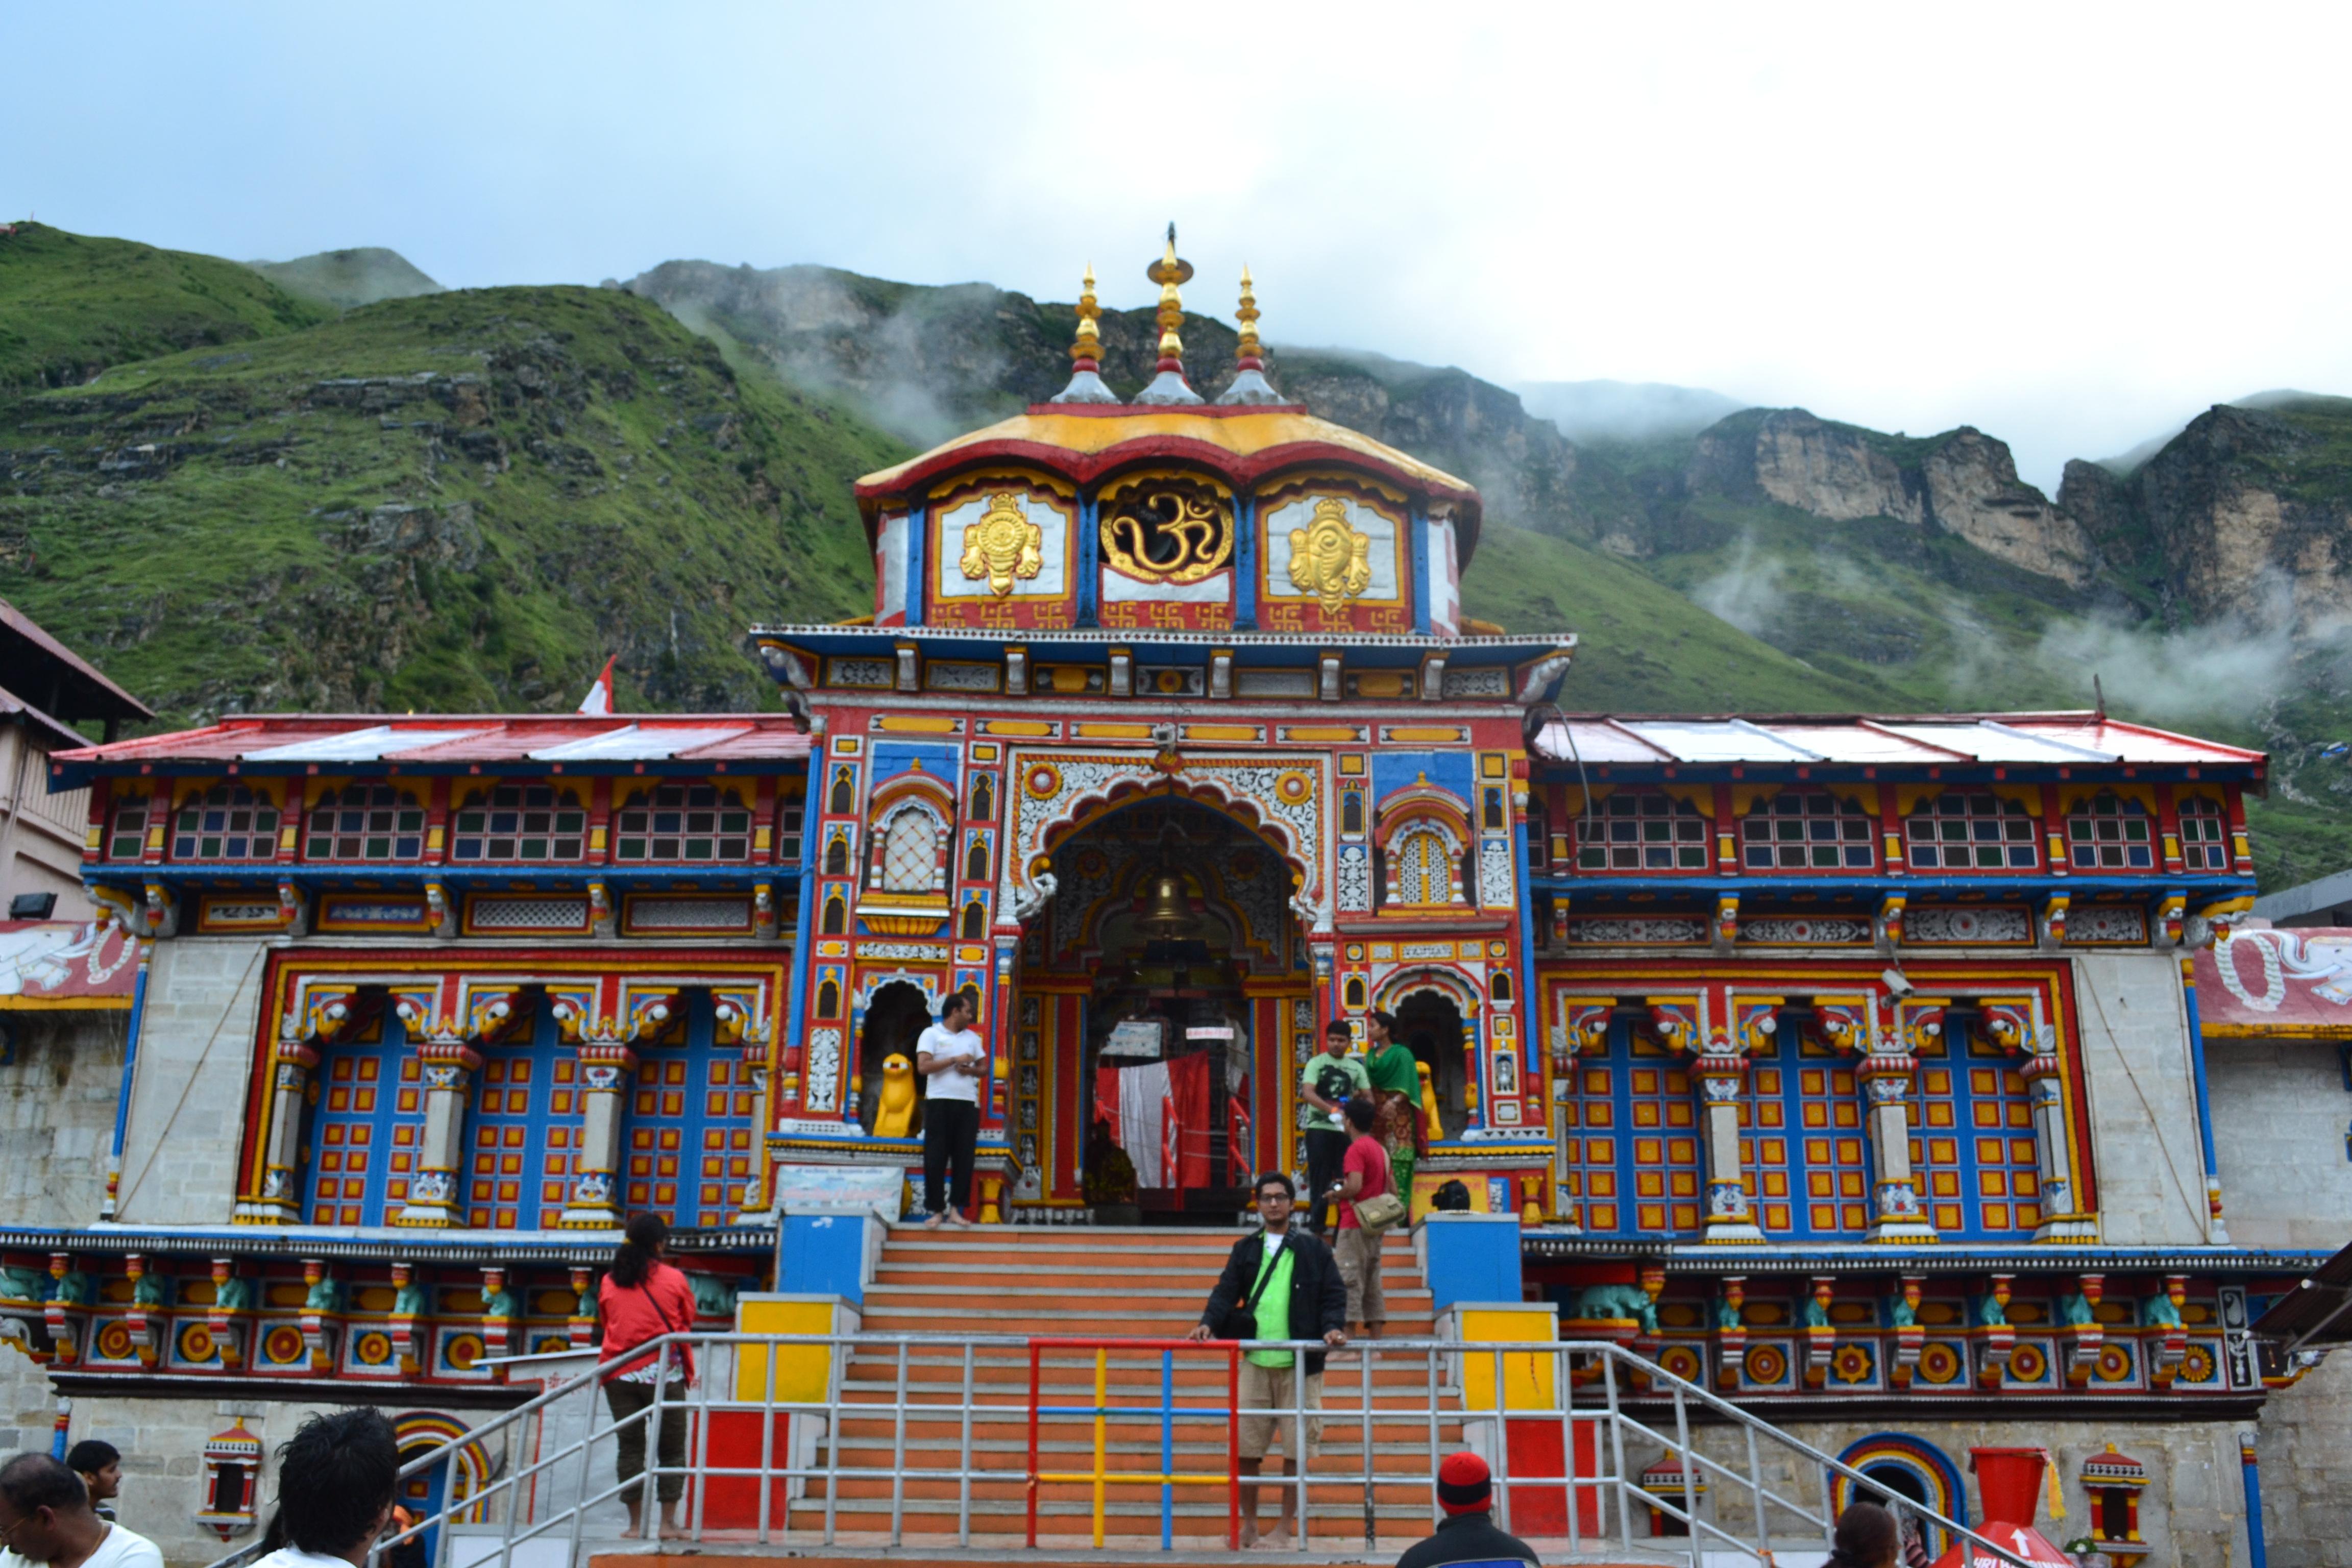 Badrinath reopens after winter break